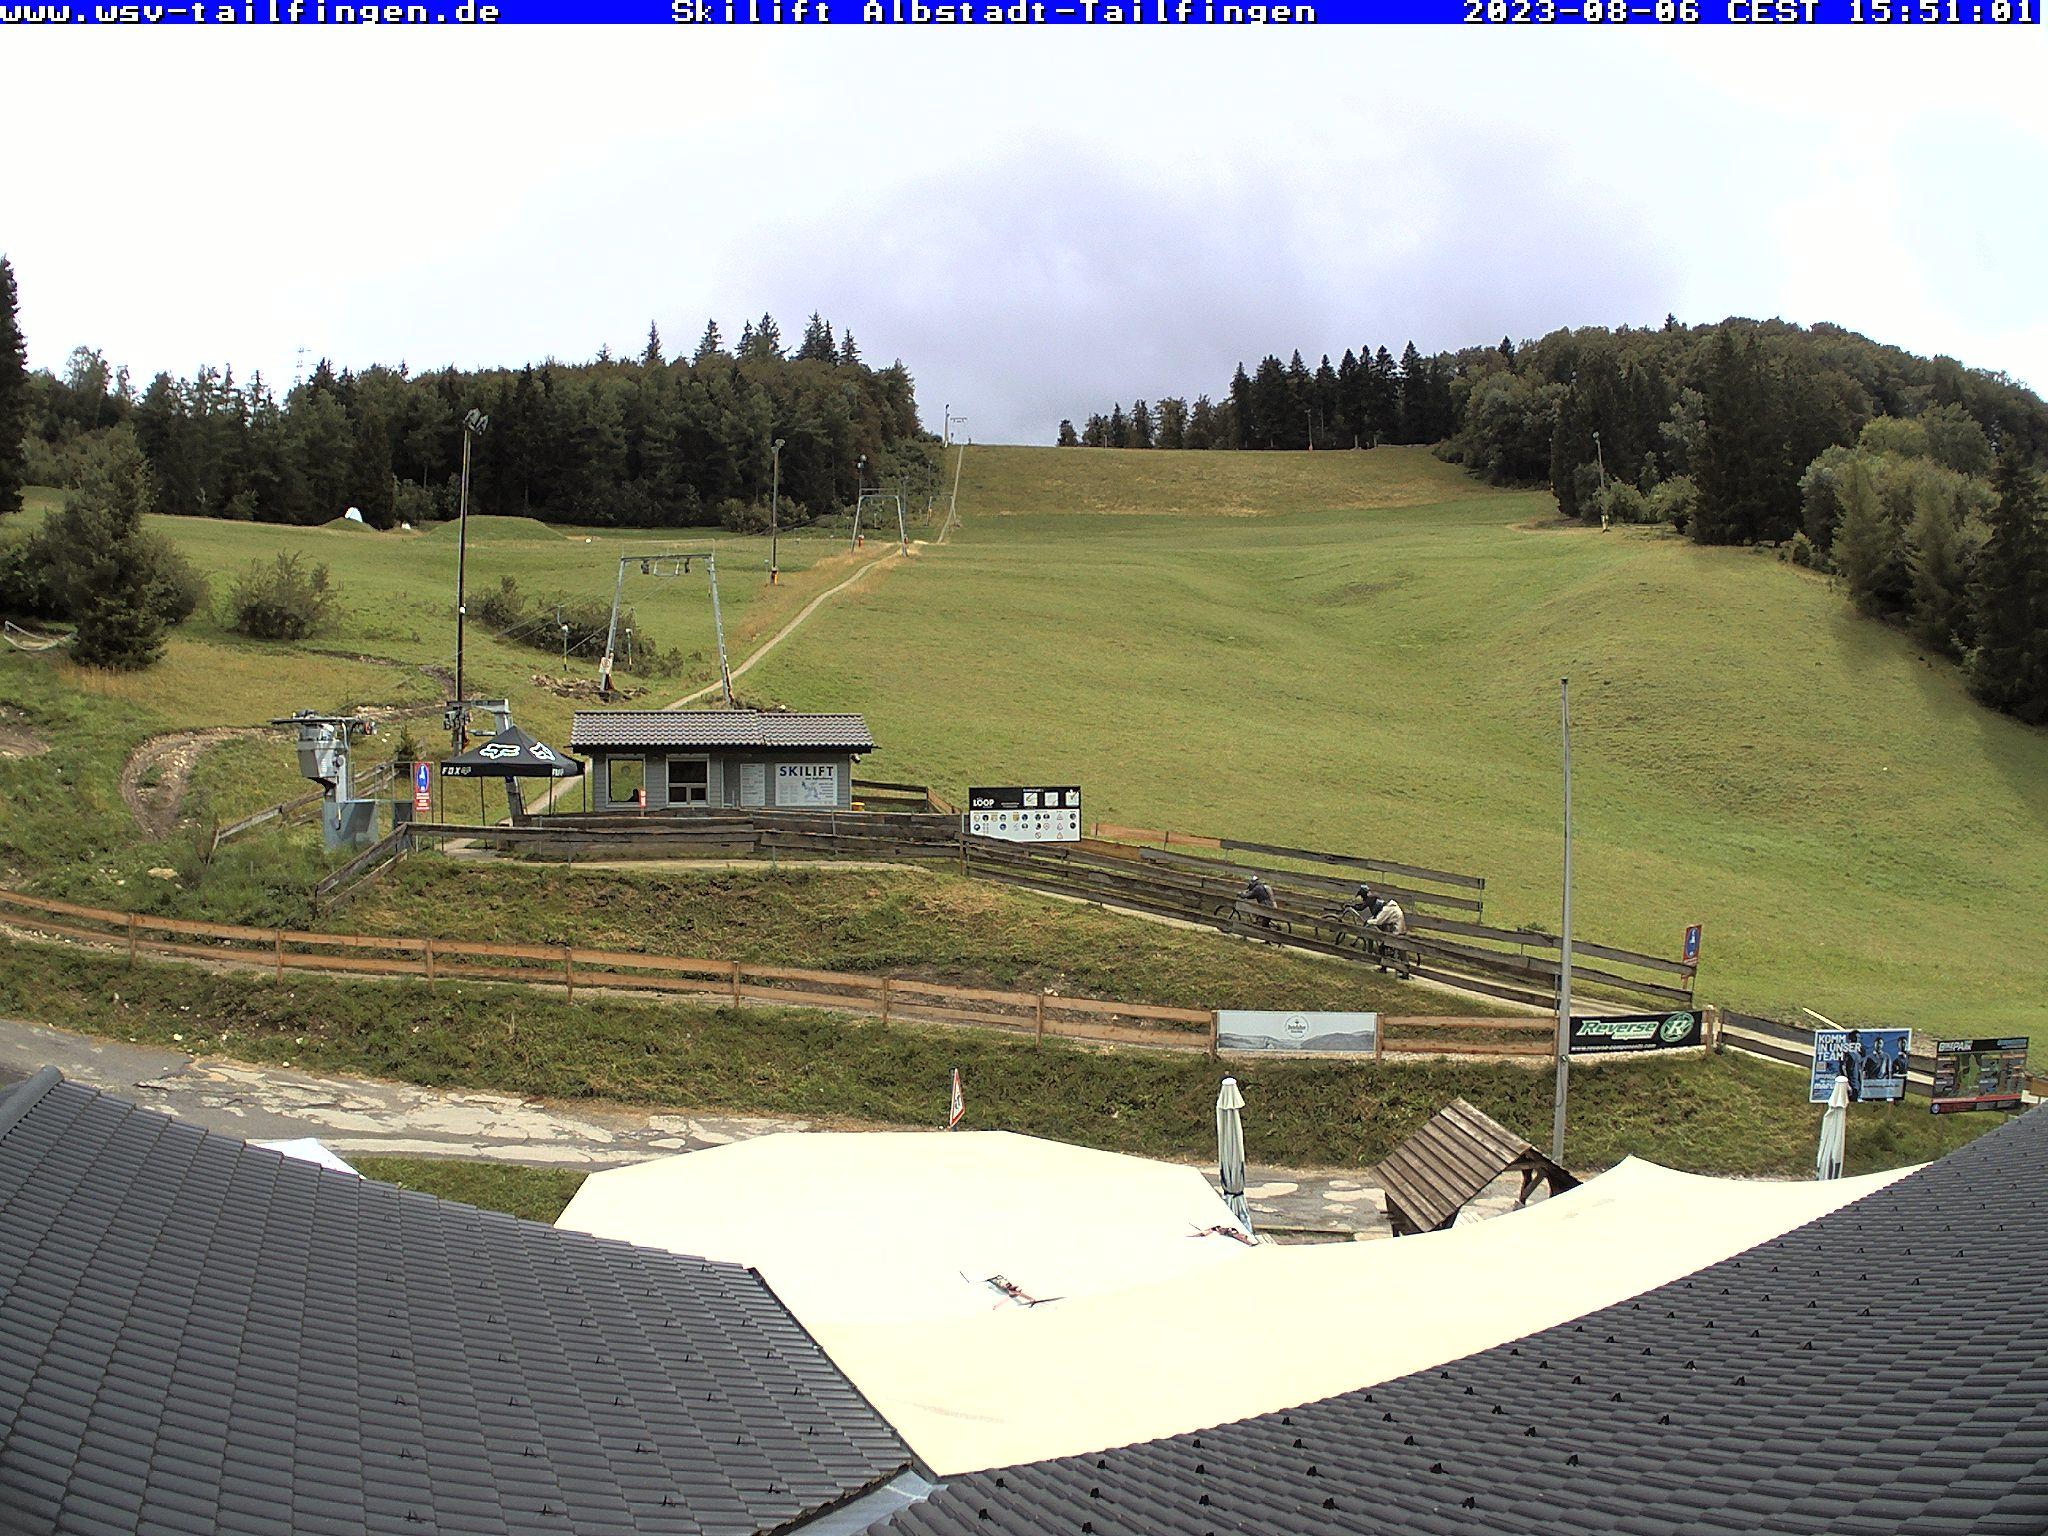 Webcam Skigebiet Albstadt - Tailfingen Schw�bische Alb